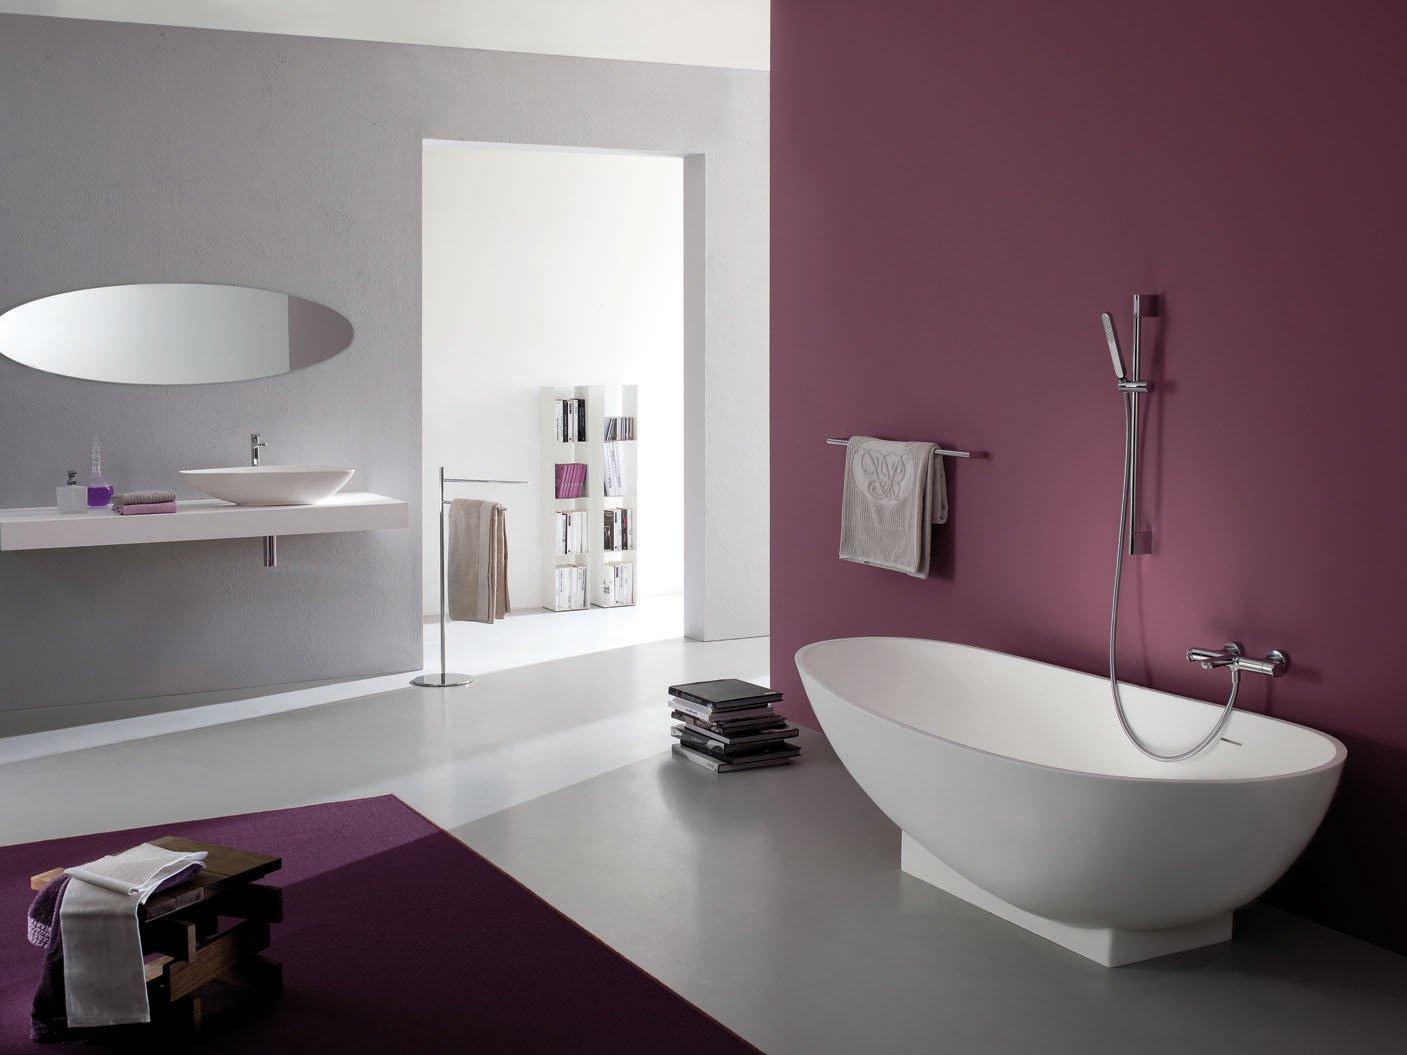 Lineaviva la linea bagno dallo stile elegante e raffinato - Linea bagno thun ...